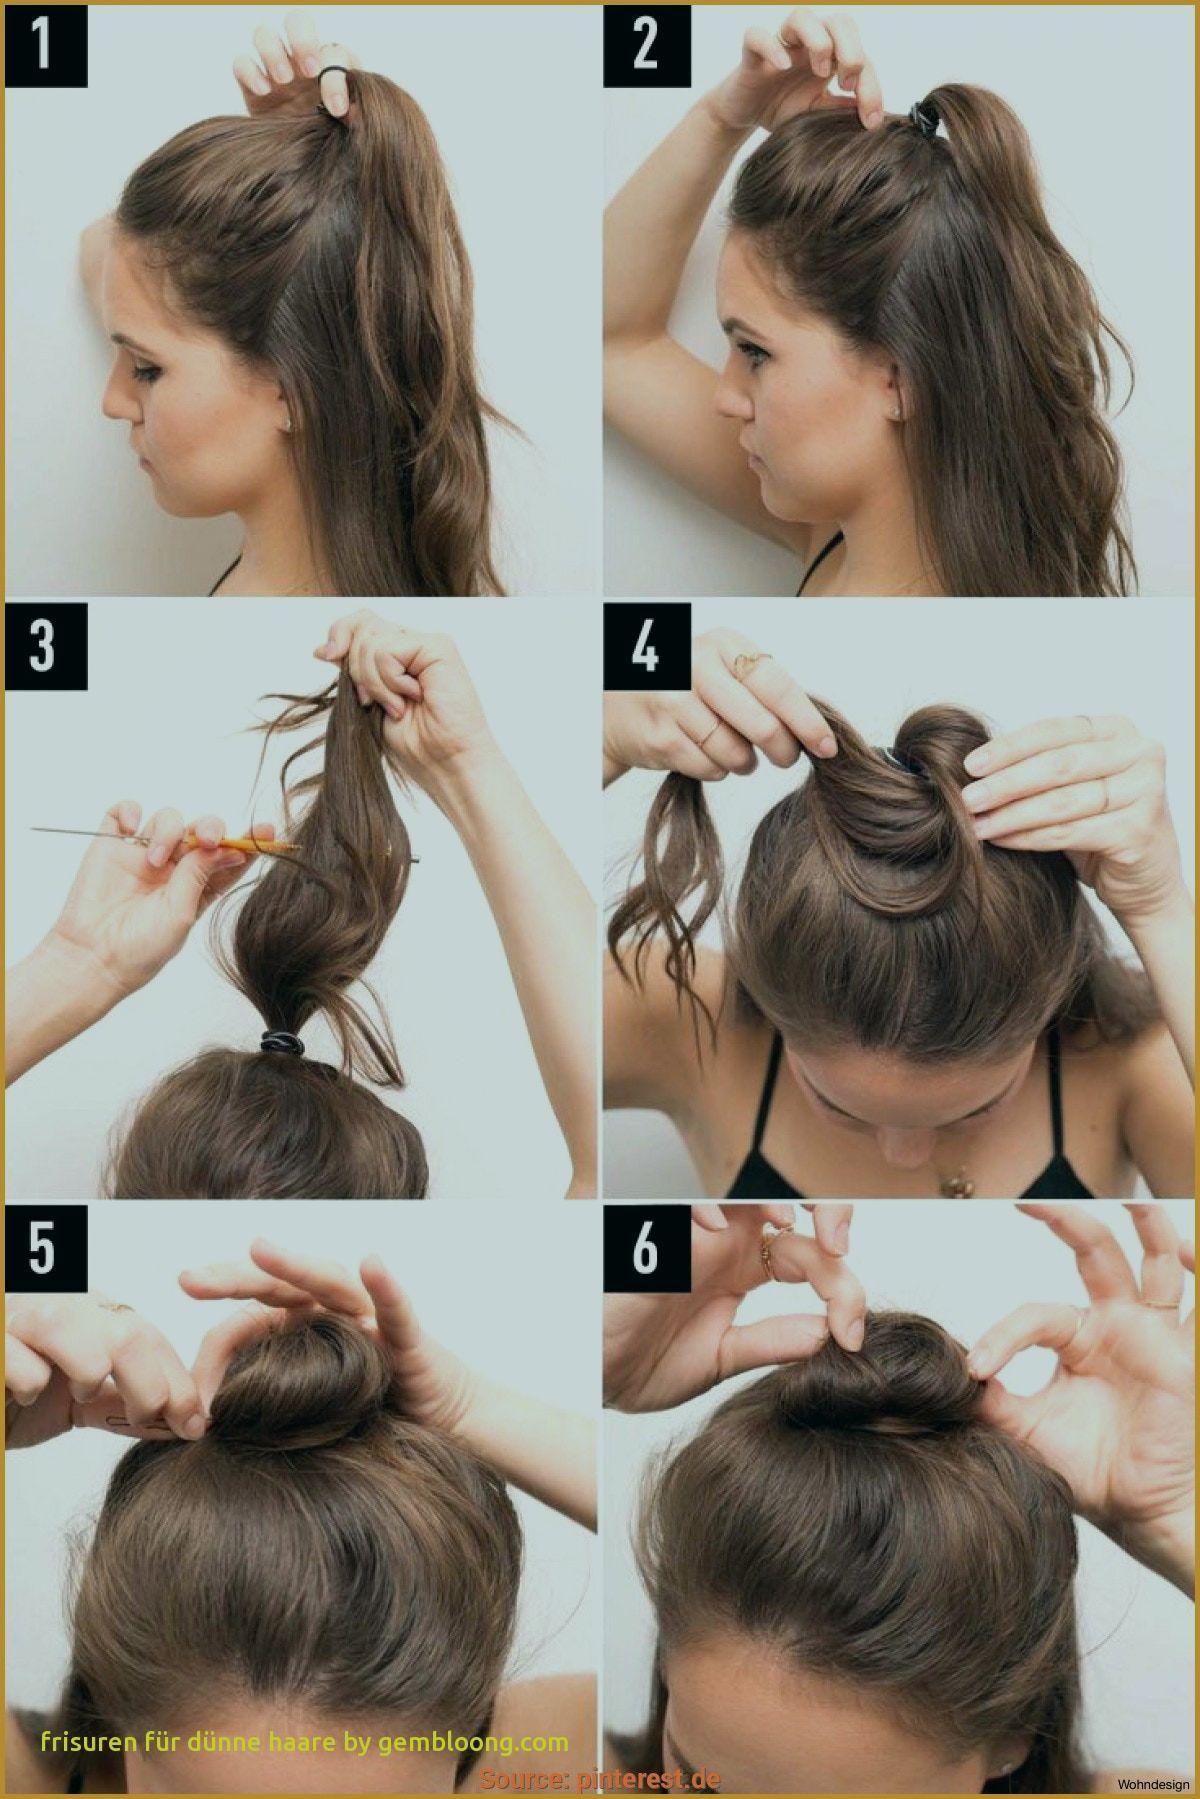 Festliche Frisuren Für Dünne Haare - yskgjt.com  Meio coque